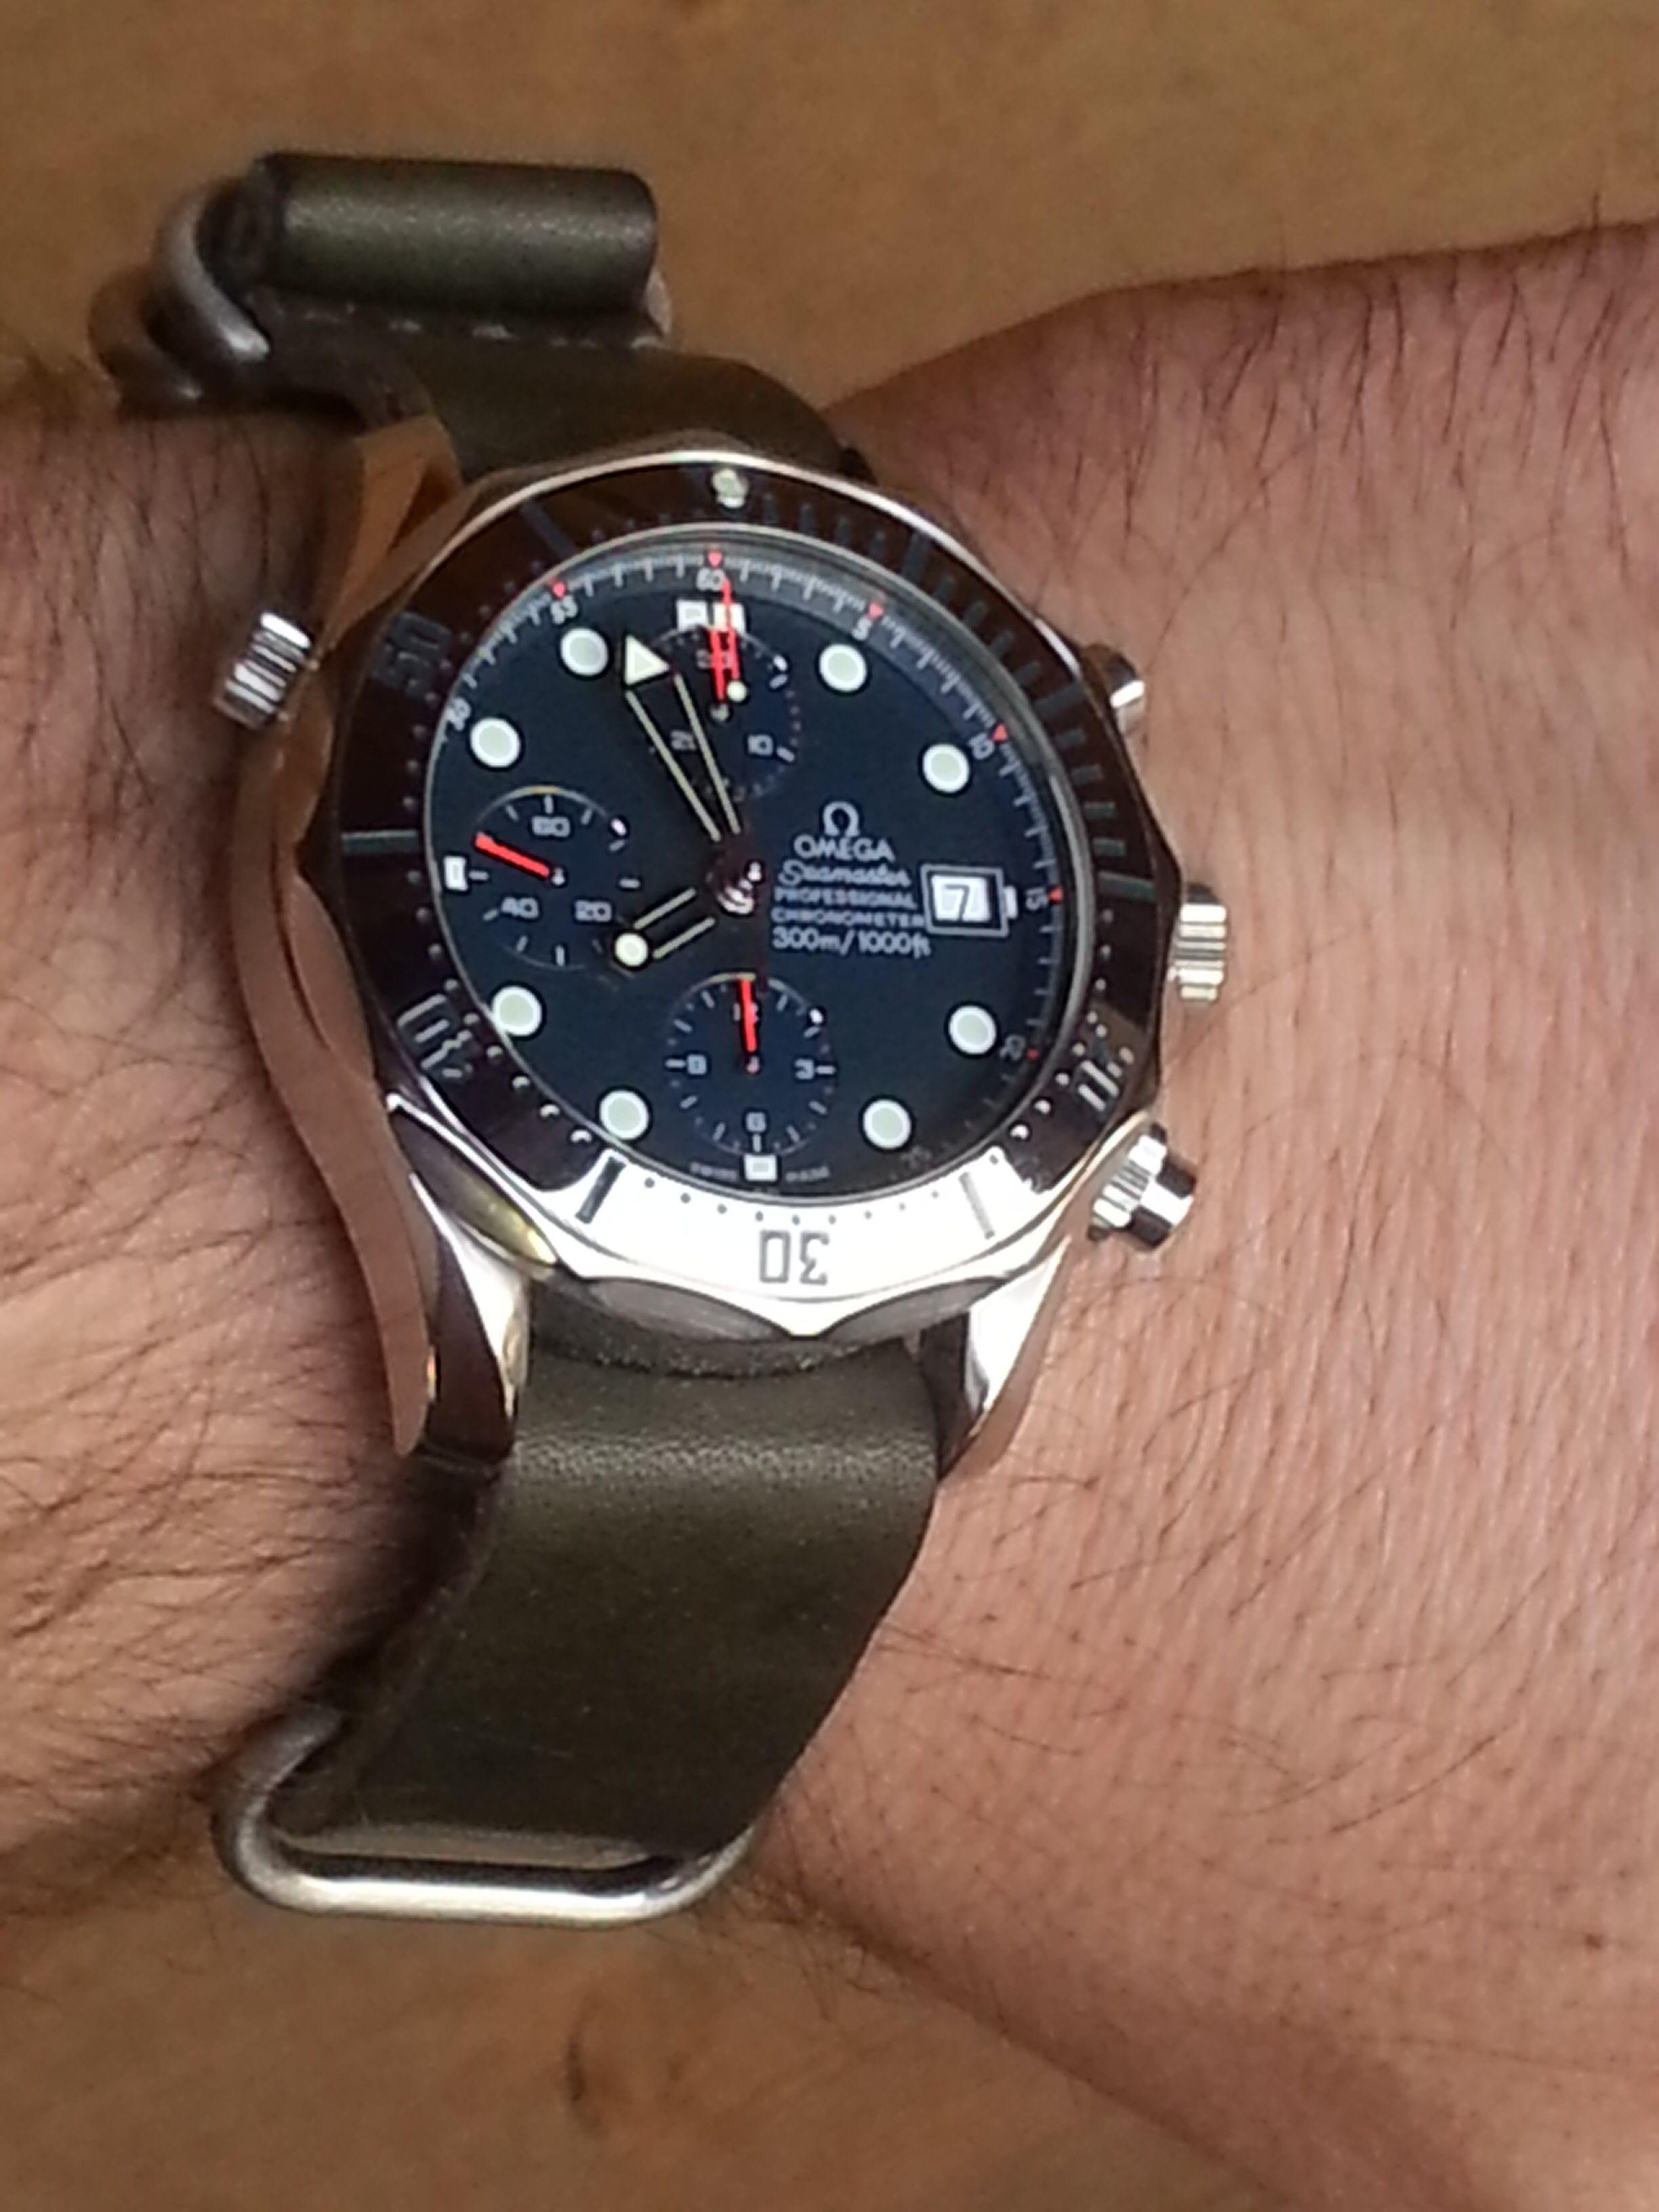 Omega Seamaster 300m Chrono Diver, DaLuca Leather NATO Strap